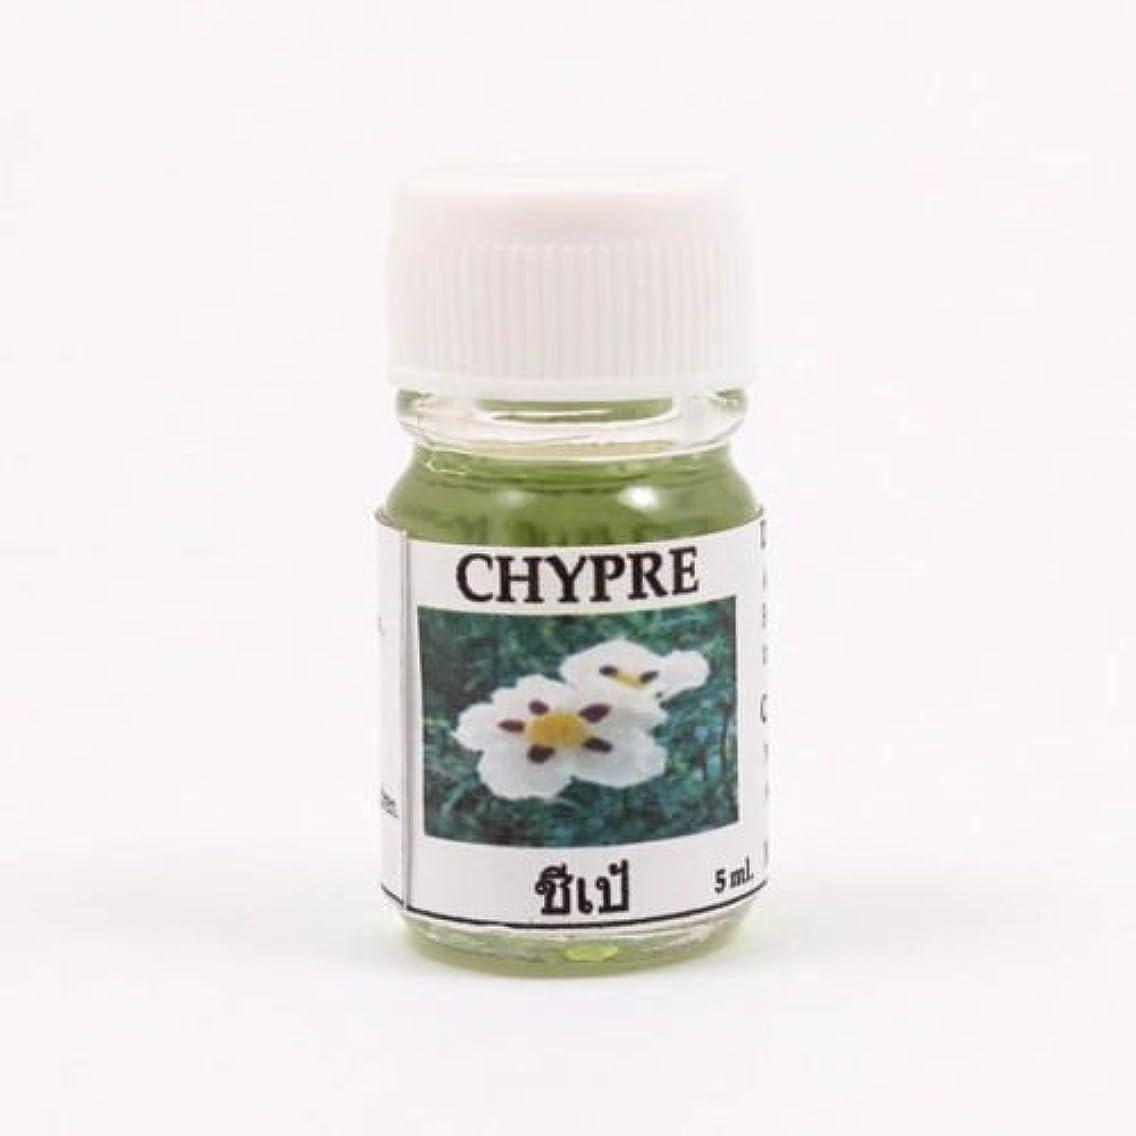 ファーム布再発する6X Chypre Aroma Fragrance Essential Oil 5ML. (cc) Diffuser Burner Therapy